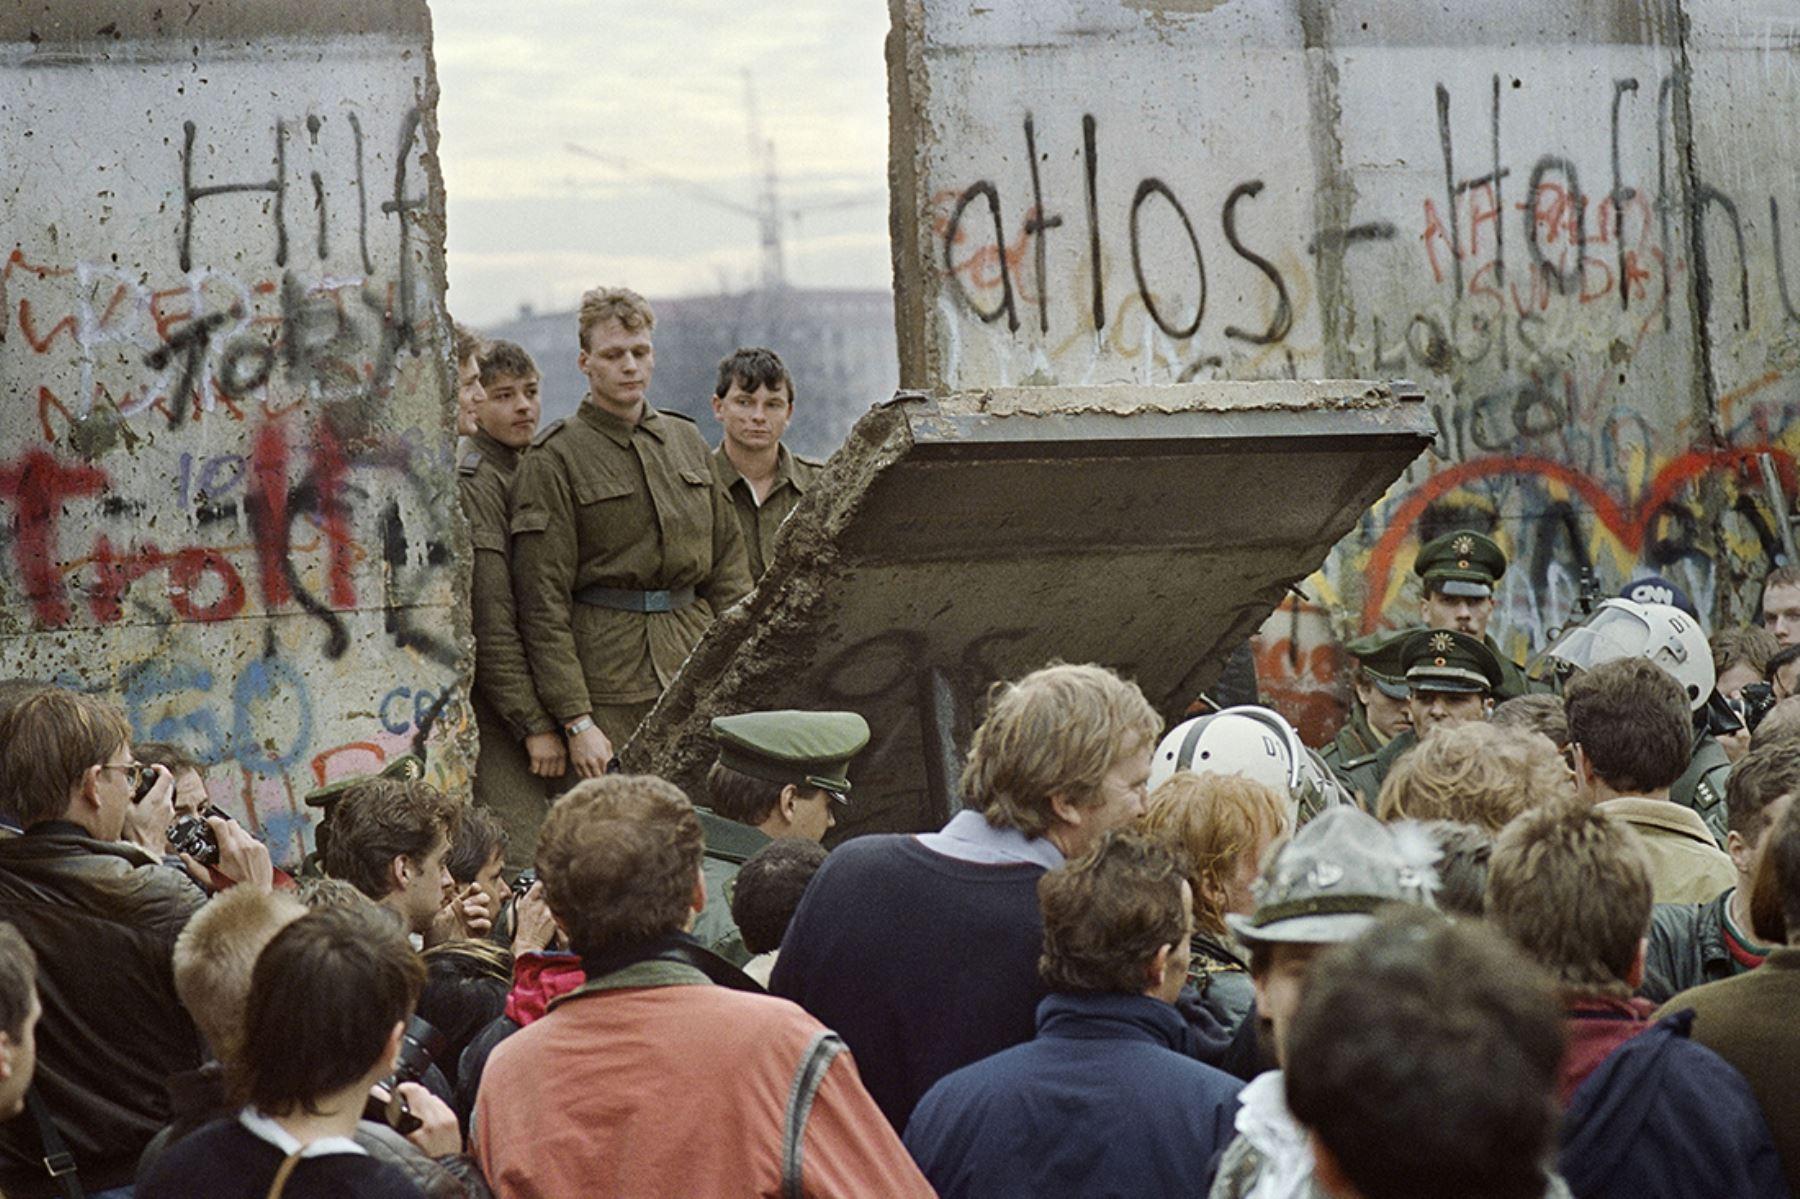 Los berlineses occidentales se agolpan frente al Muro de Berlín a principios del 11 de noviembre de 1989 mientras  los guardias fronterizos de Alemania Oriental ven caer parte del muro cerca a la Plaza Potsdamer. Dos días antes, Gunther Schabowski,  portavoz del Partido Comunista de la RDA , declaró que  los alemanes orientales serían libres de abandonar el país, sin permiso, en cualquier punto a lo largo de la frontera, incluidos los puntos de cruce a través del Muro en Berlín. Foto: AFP